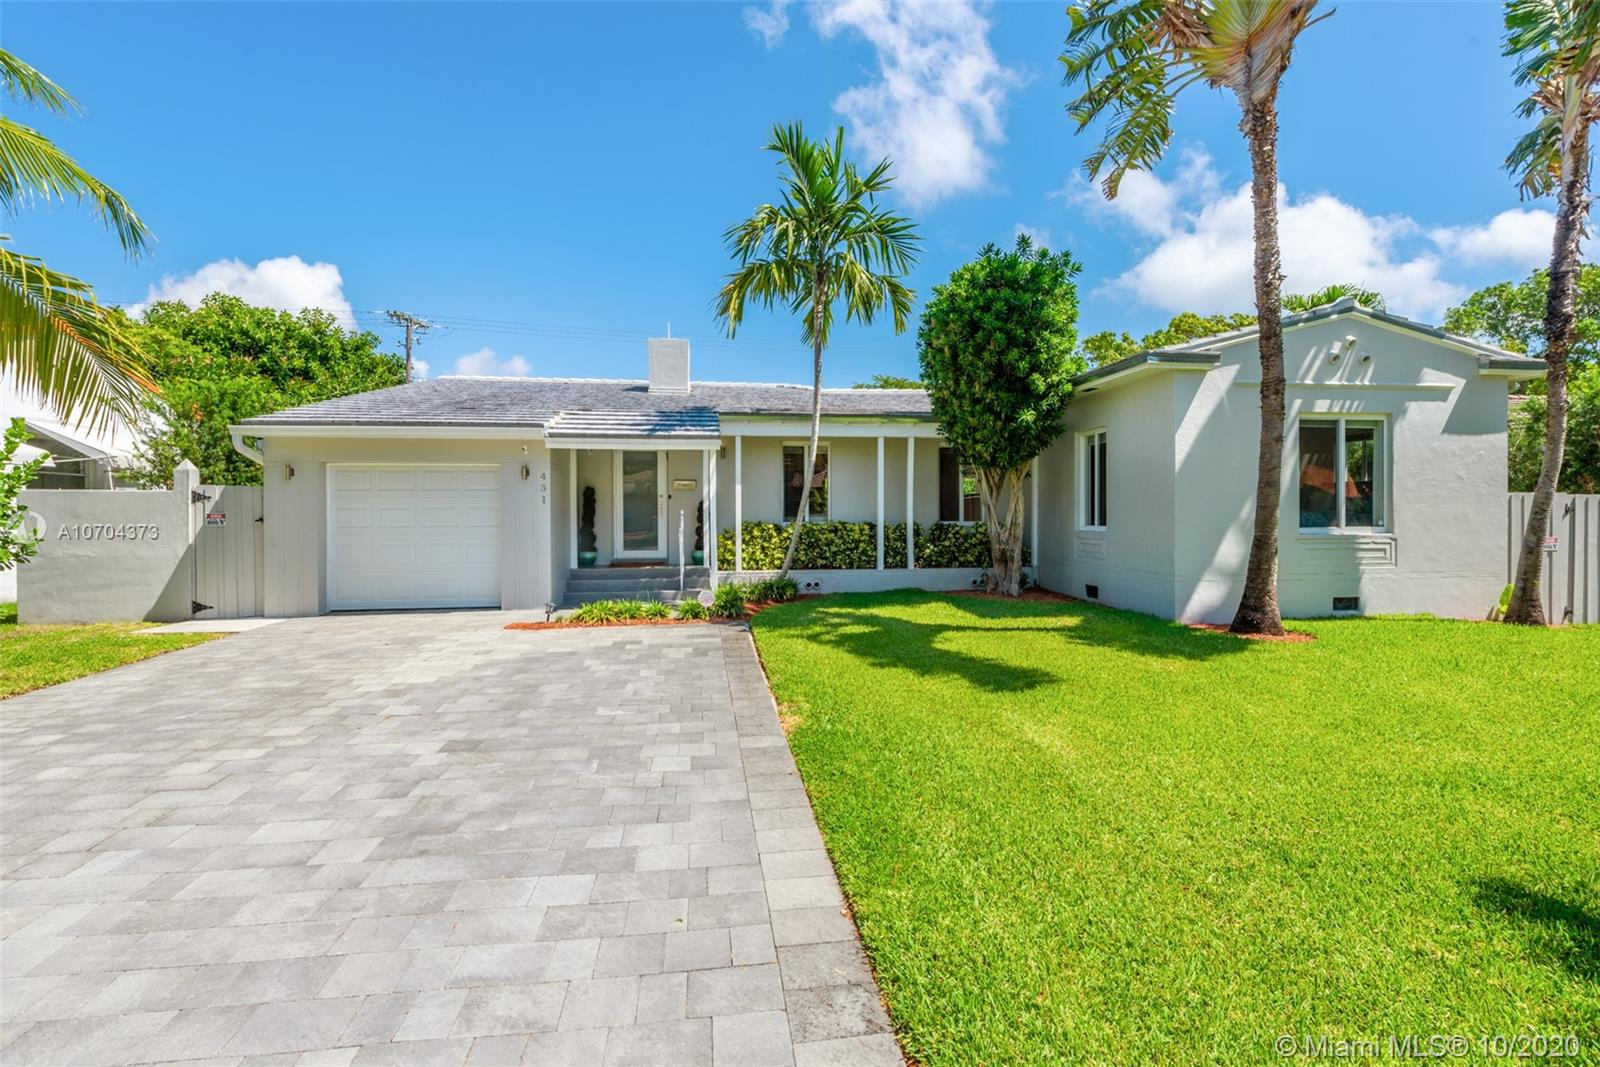 431 NE 53rd St, Miami, FL 33137